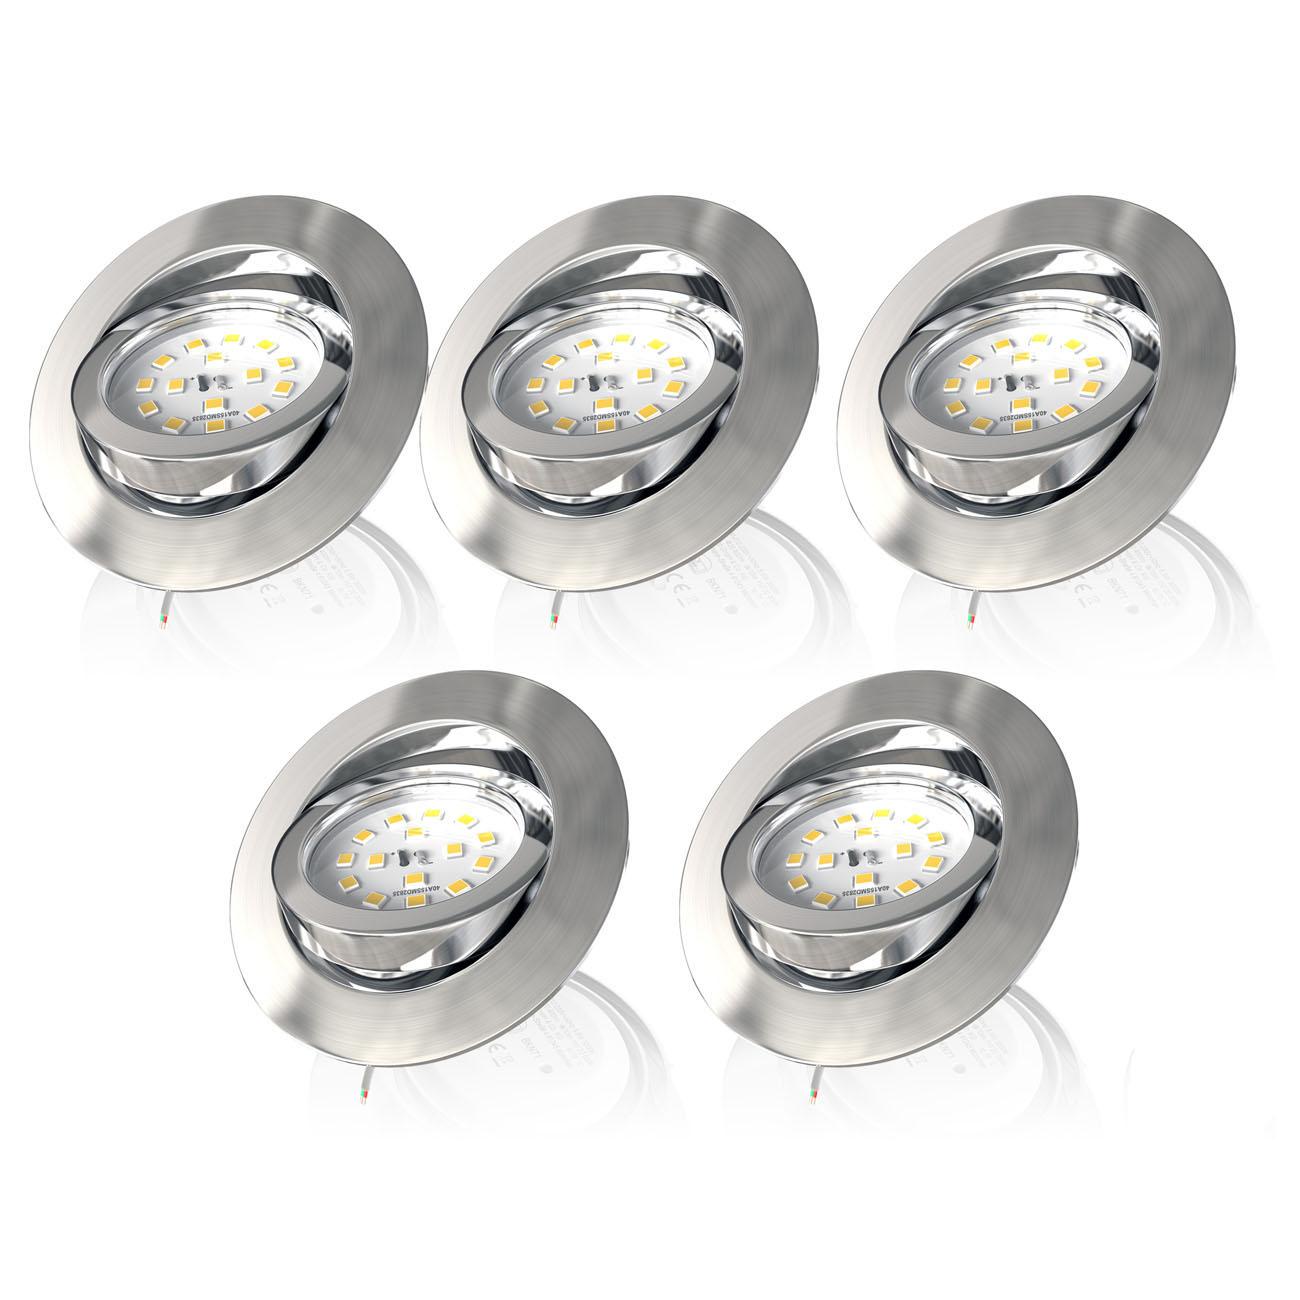 LED Einbaustrahler | Einbauleuchte 5er SET | 5,5W Stufendimmer schwenkbar - 3